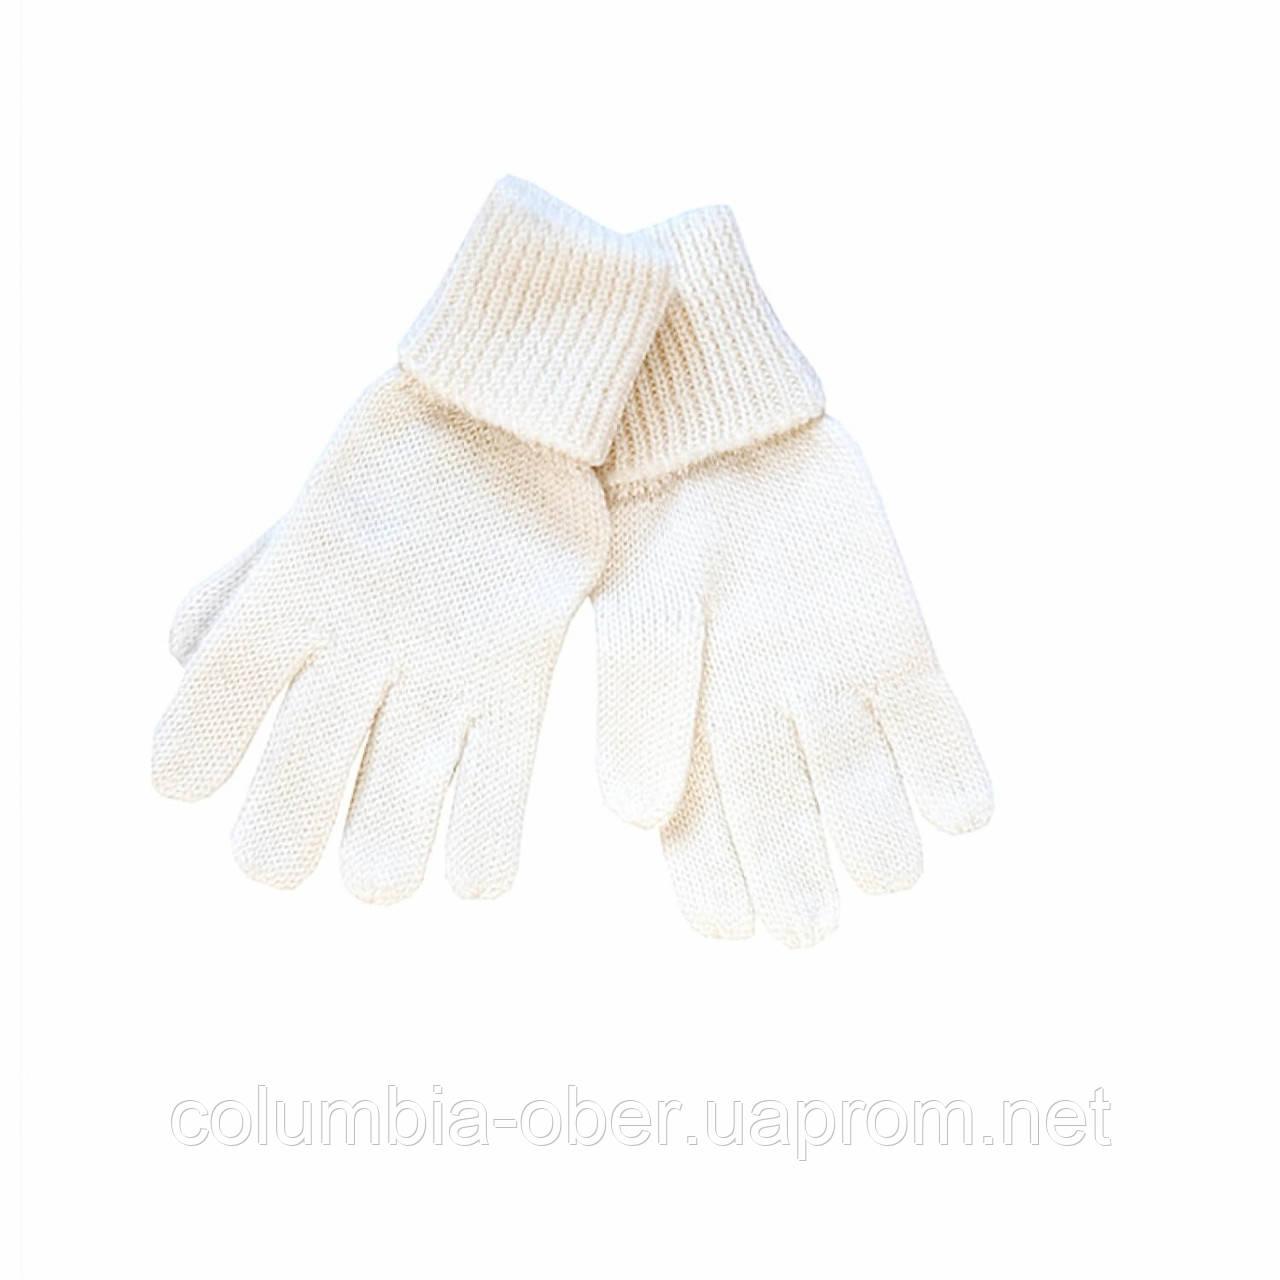 Зимние детские перчатки для девочки Lenne Kira 17593-100. Размеры  3 и 4.